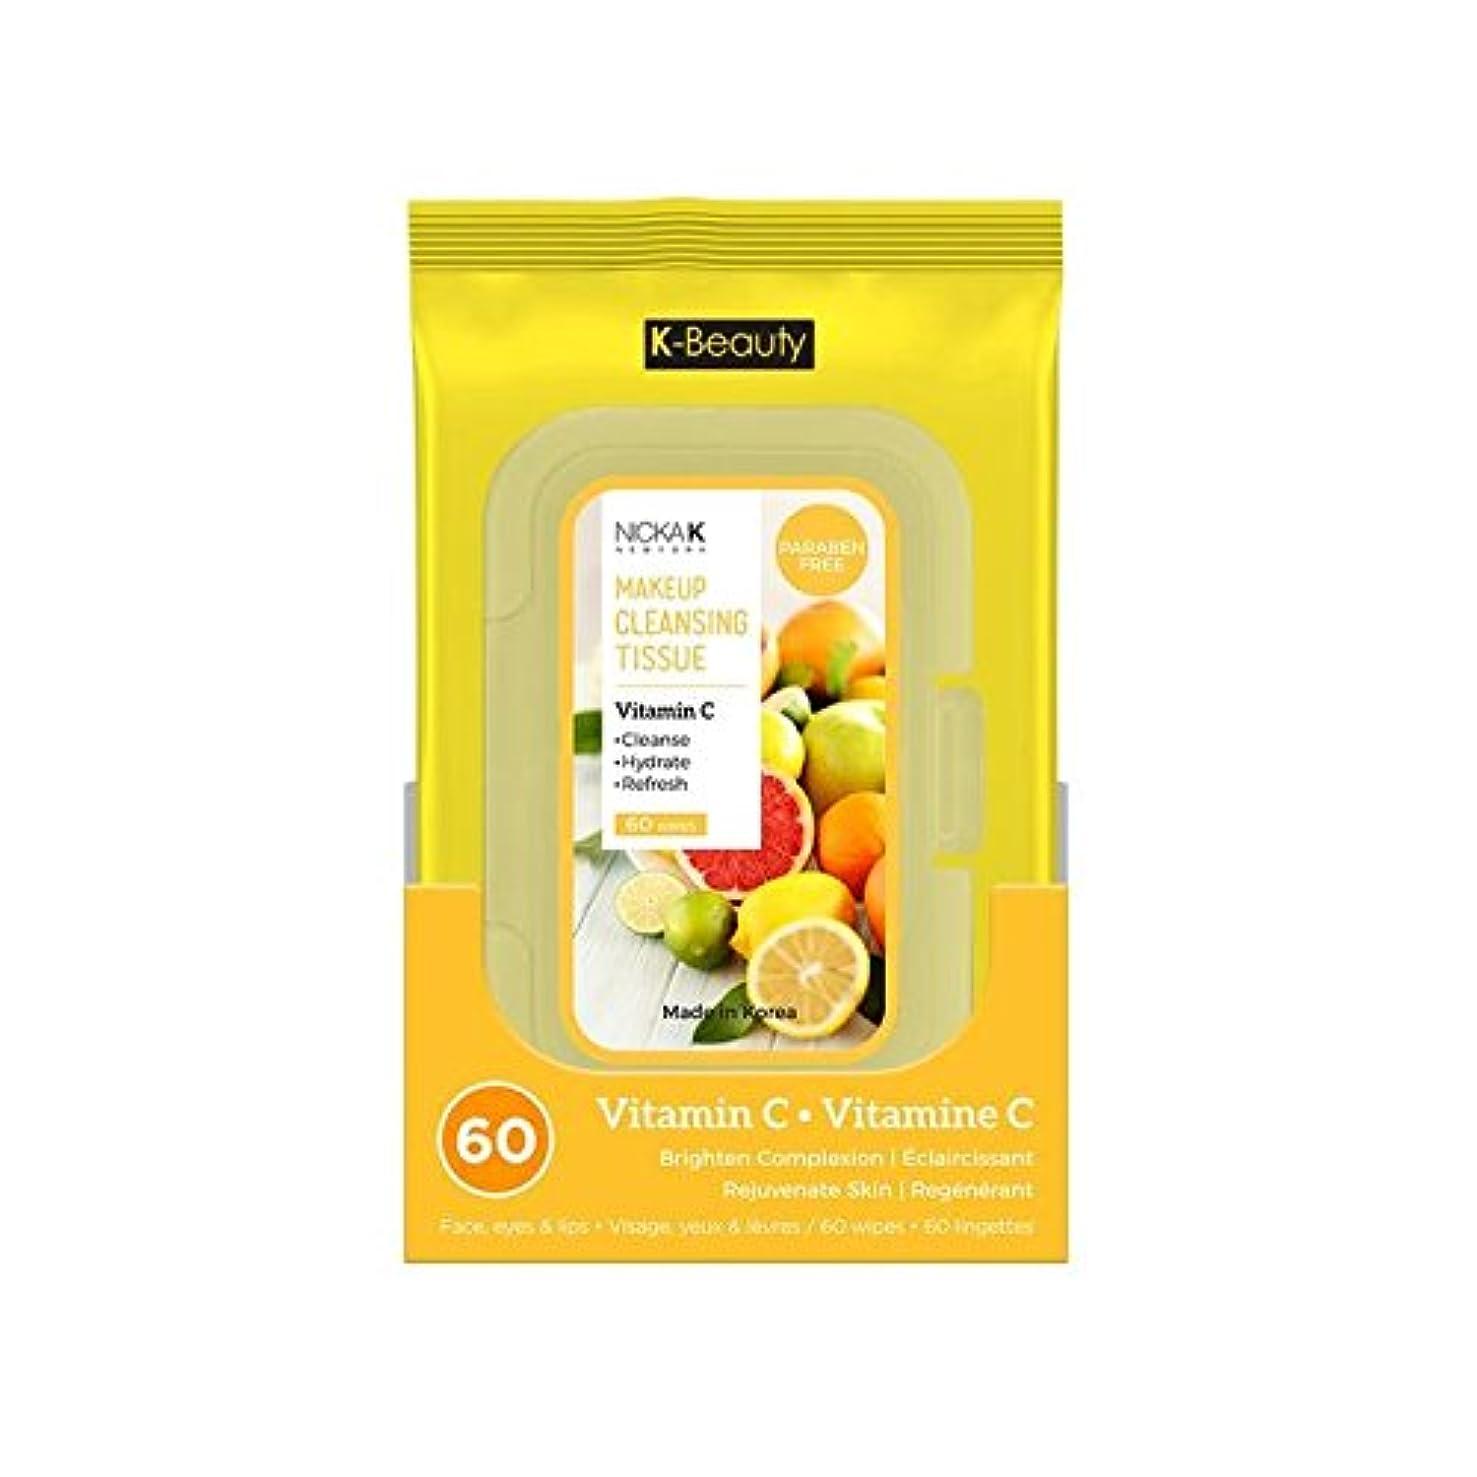 シロナガスクジラ化石容疑者(3 Pack) NICKA K Make Up Cleansing Tissue - Vitamin C (並行輸入品)